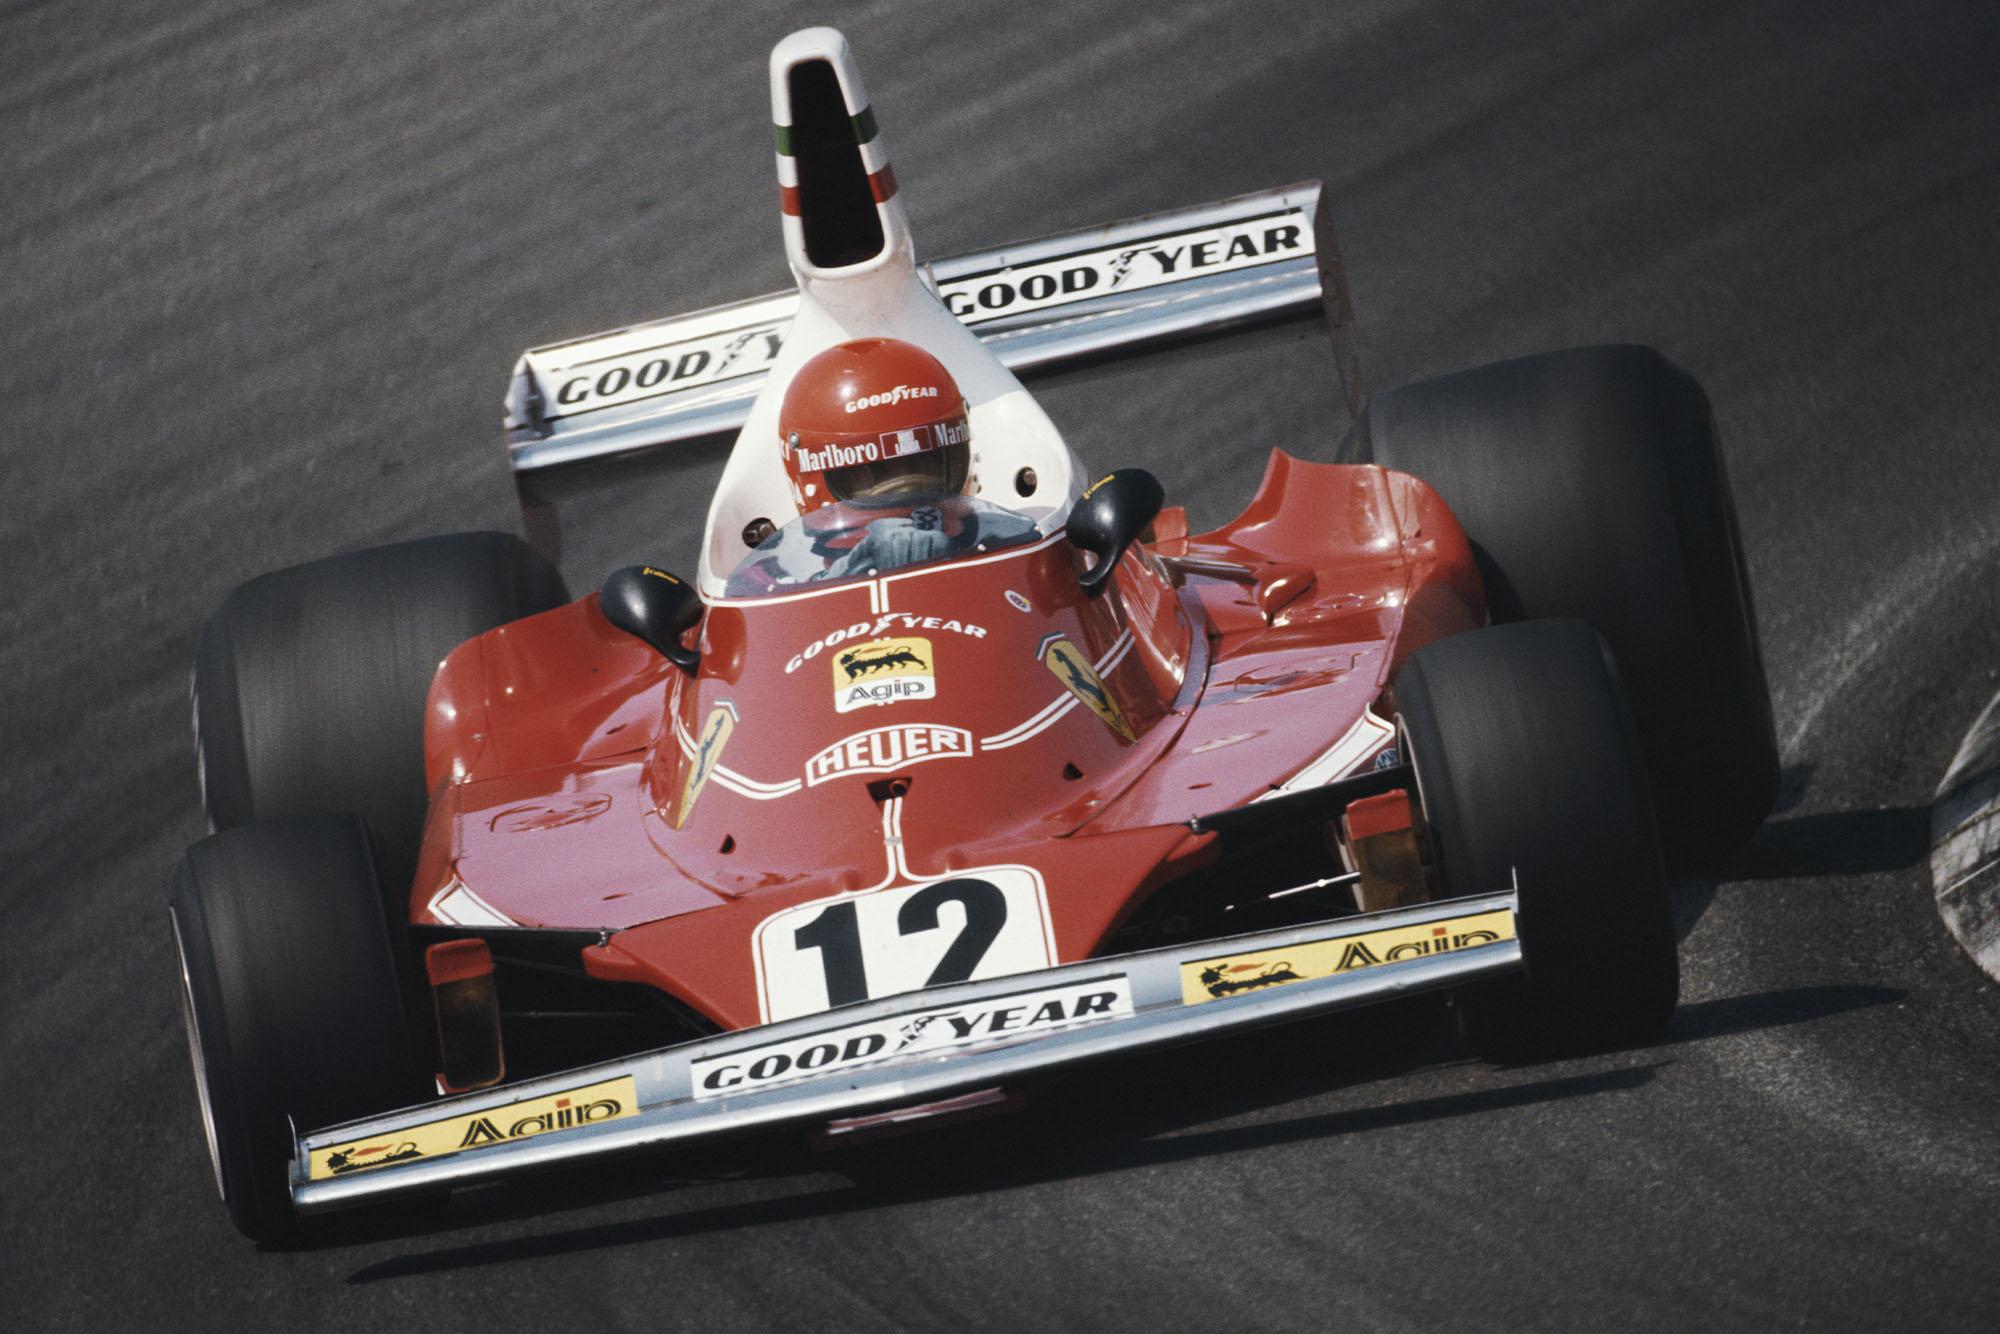 Niki Lauda in his Ferrari at the 1975 Belgian Grand Prix